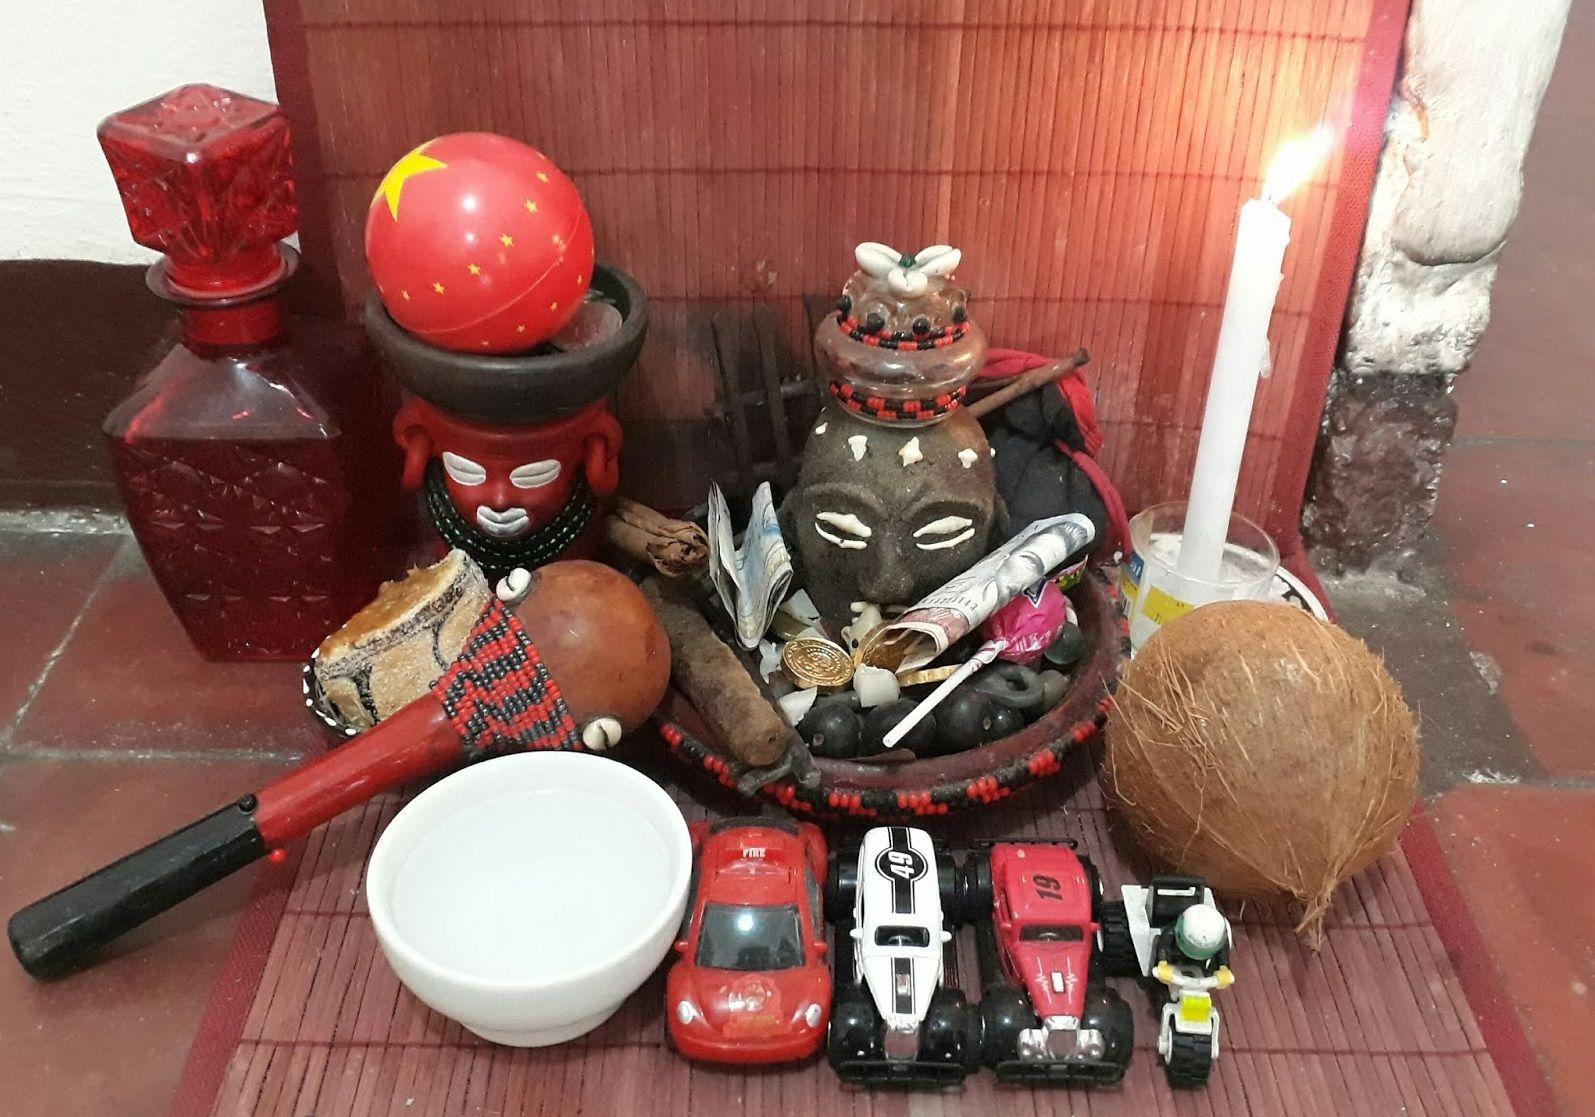 Elegba Elegua S Shrine With Toys Sweets And Maracas As Elegua Is Often Seen As A Boy In Cuba Religión Yoruba Ofrendas A Elegua Elegua Imagenes